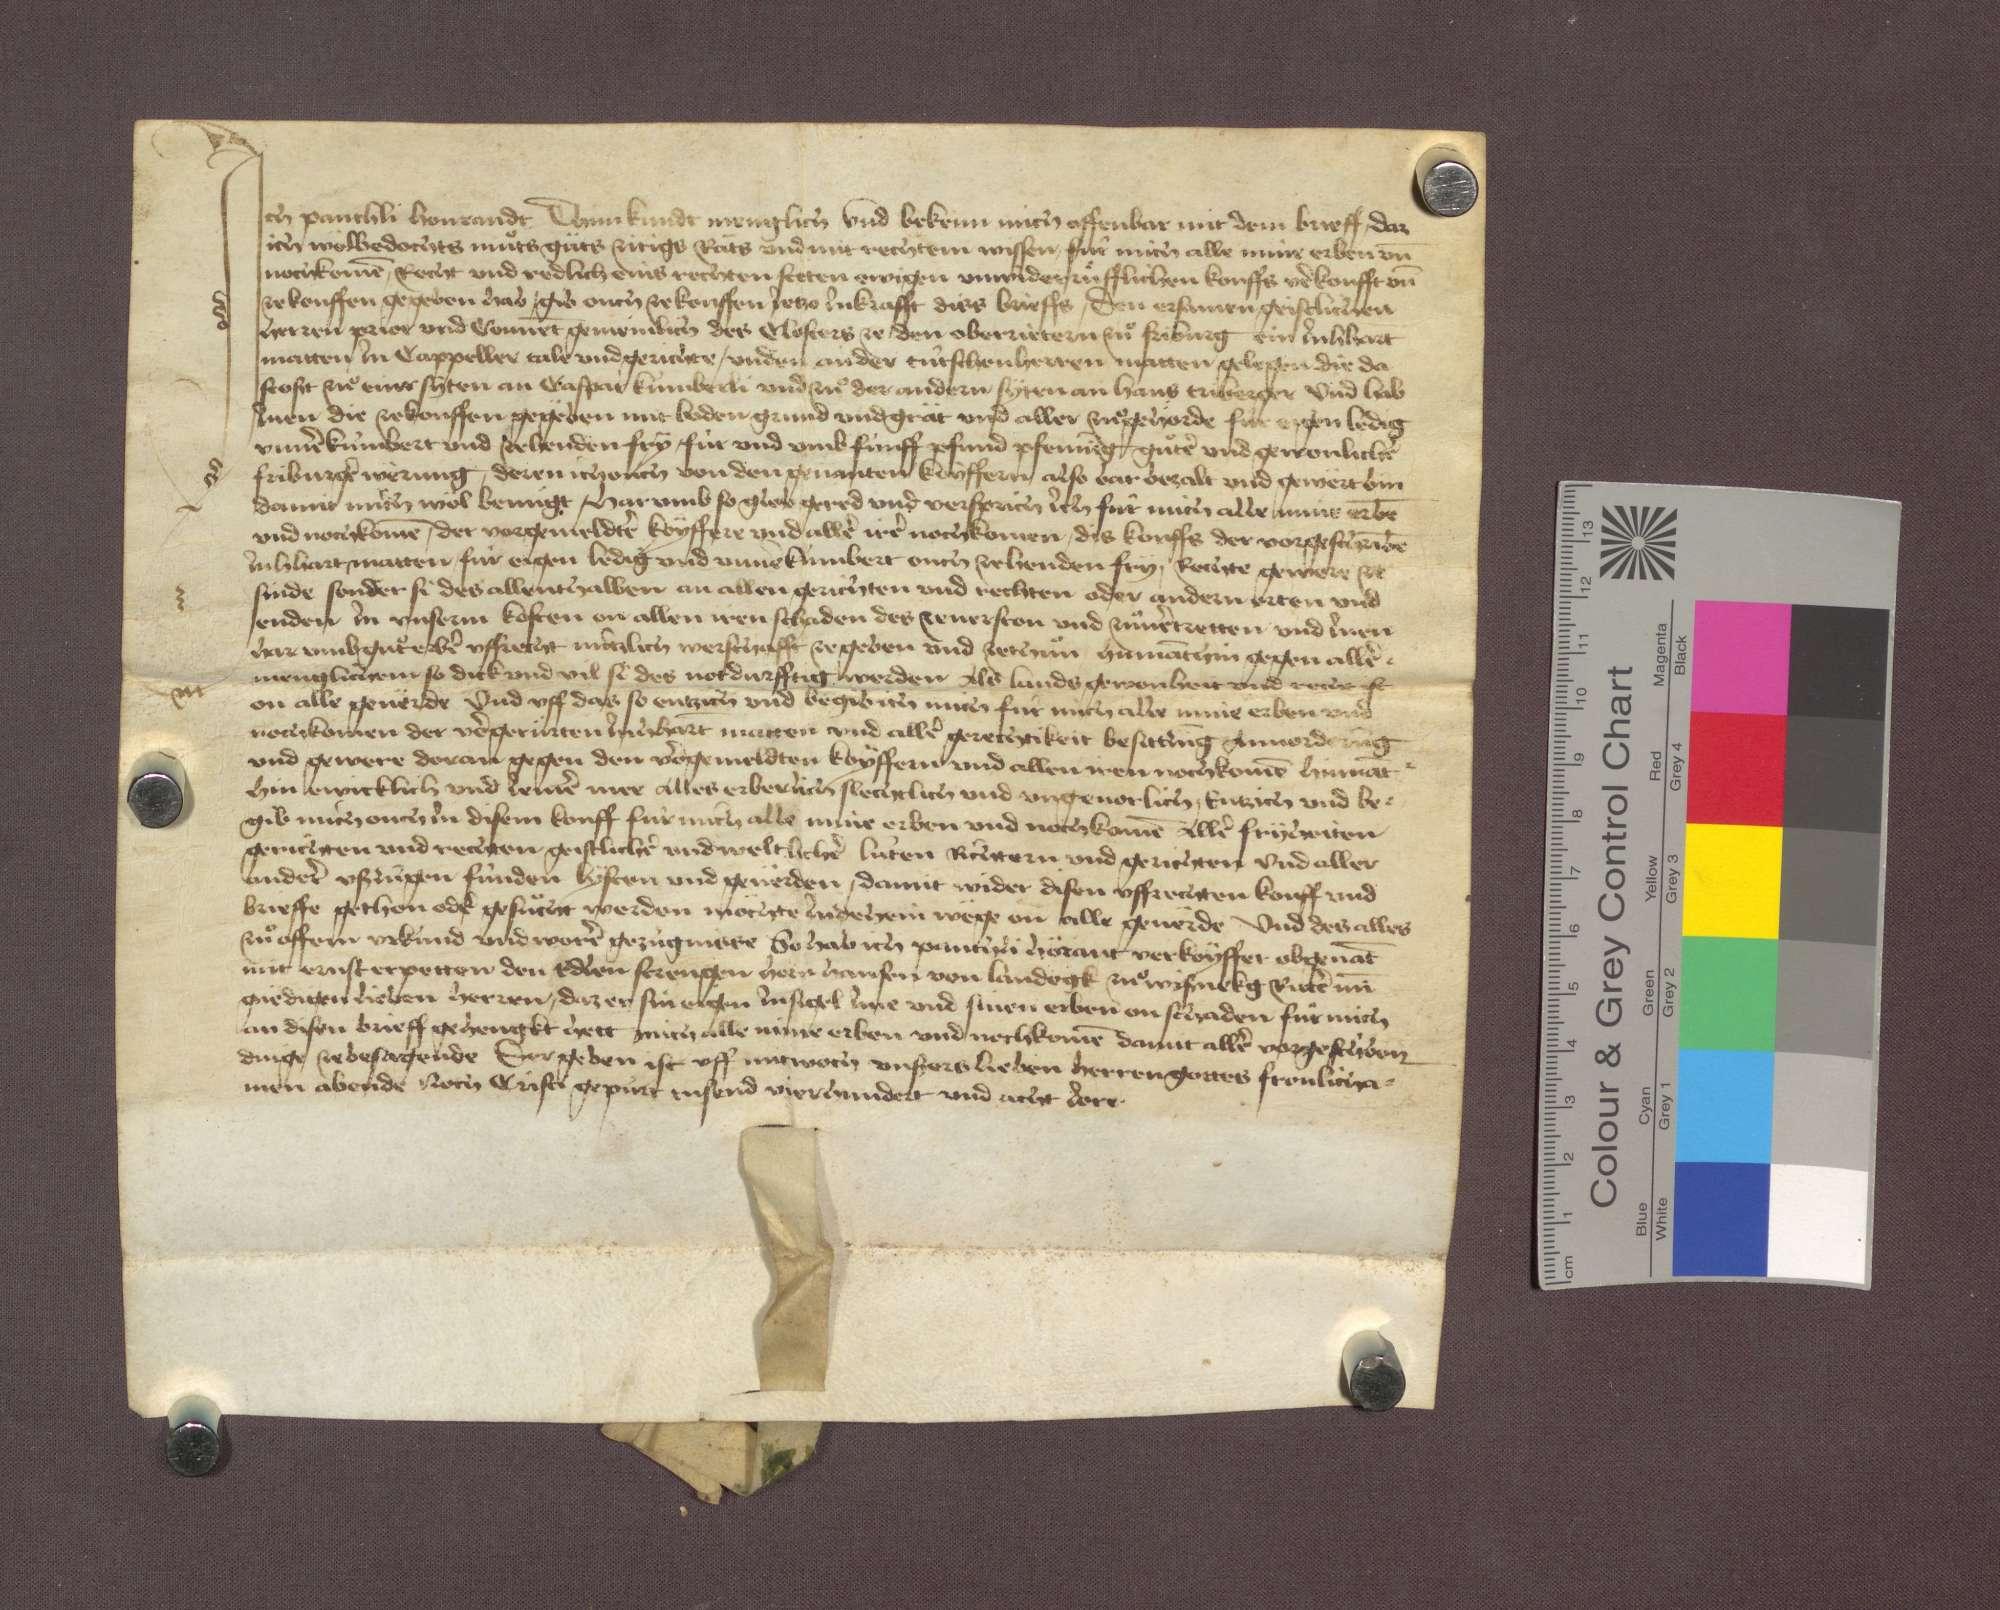 Panthli Hourandt verkauft dem Kloster Oberried zu Freiburg 1 Juchert Matten im Kappeler Tal, unten an der Deutschherrenmatte gelegen, um 5 Pfund Pfennig., Bild 1